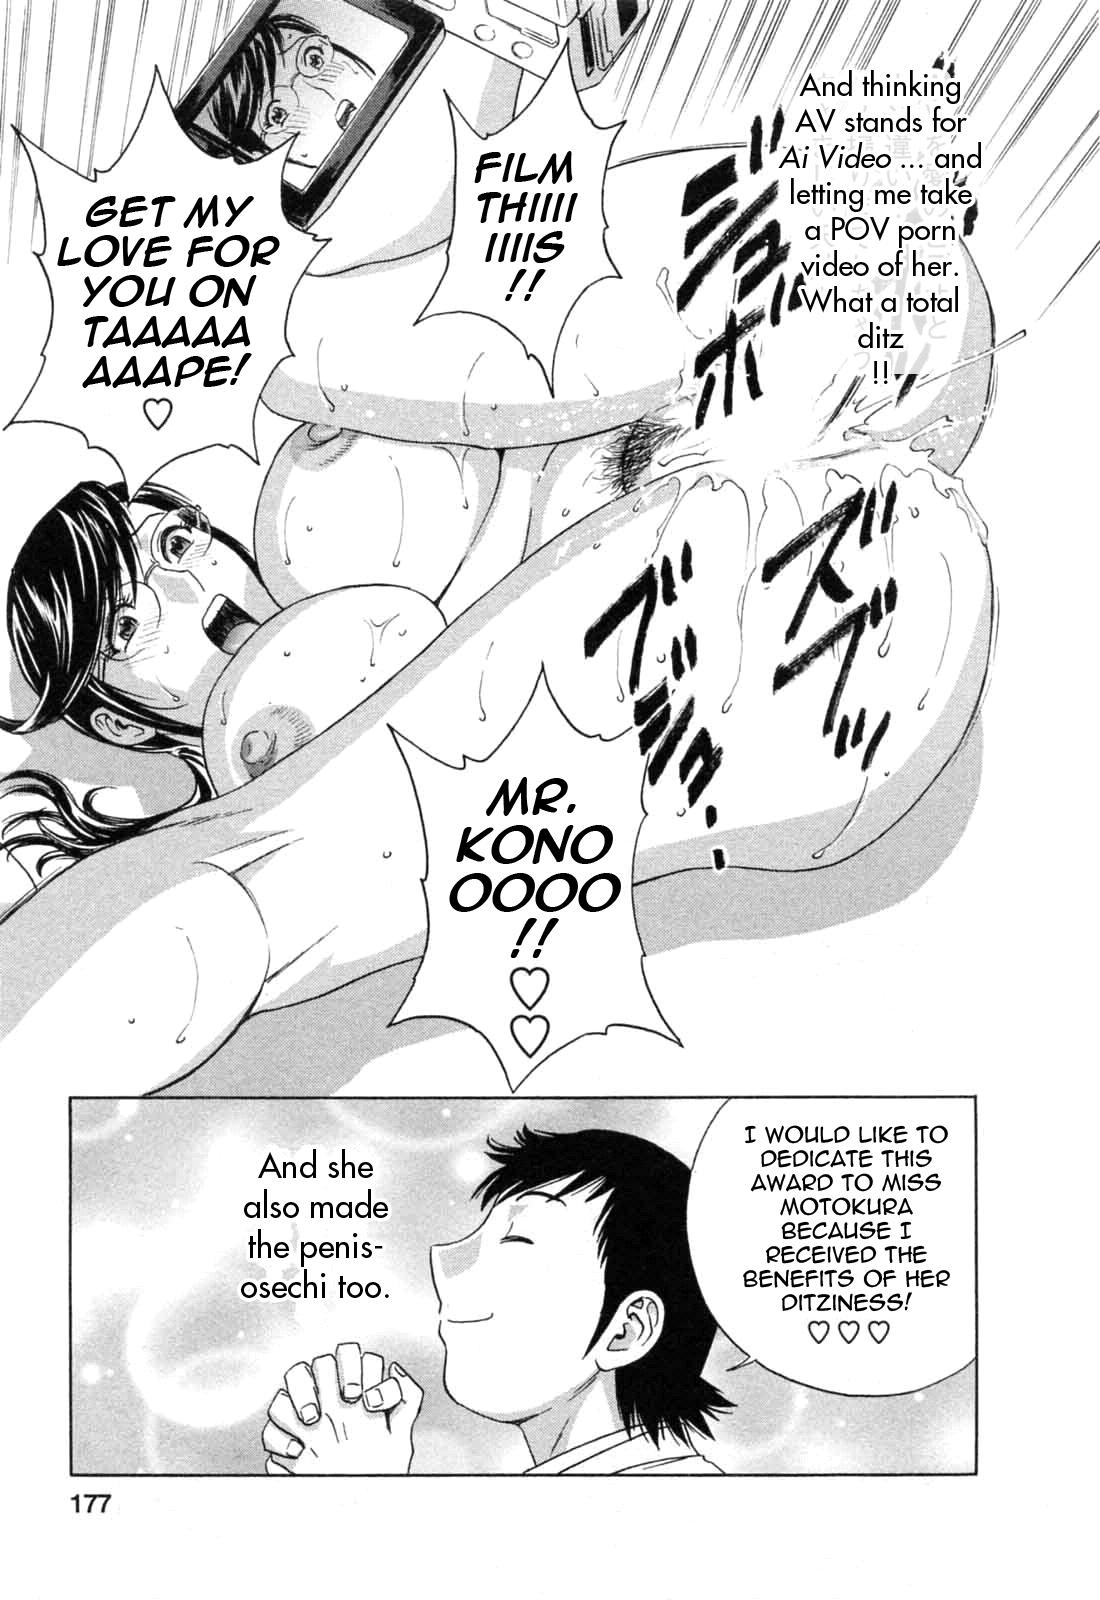 [Hidemaru] Mo-Retsu! Boin Sensei (Boing Boing Teacher) Vol.5 [English] [4dawgz] [Tadanohito] 175